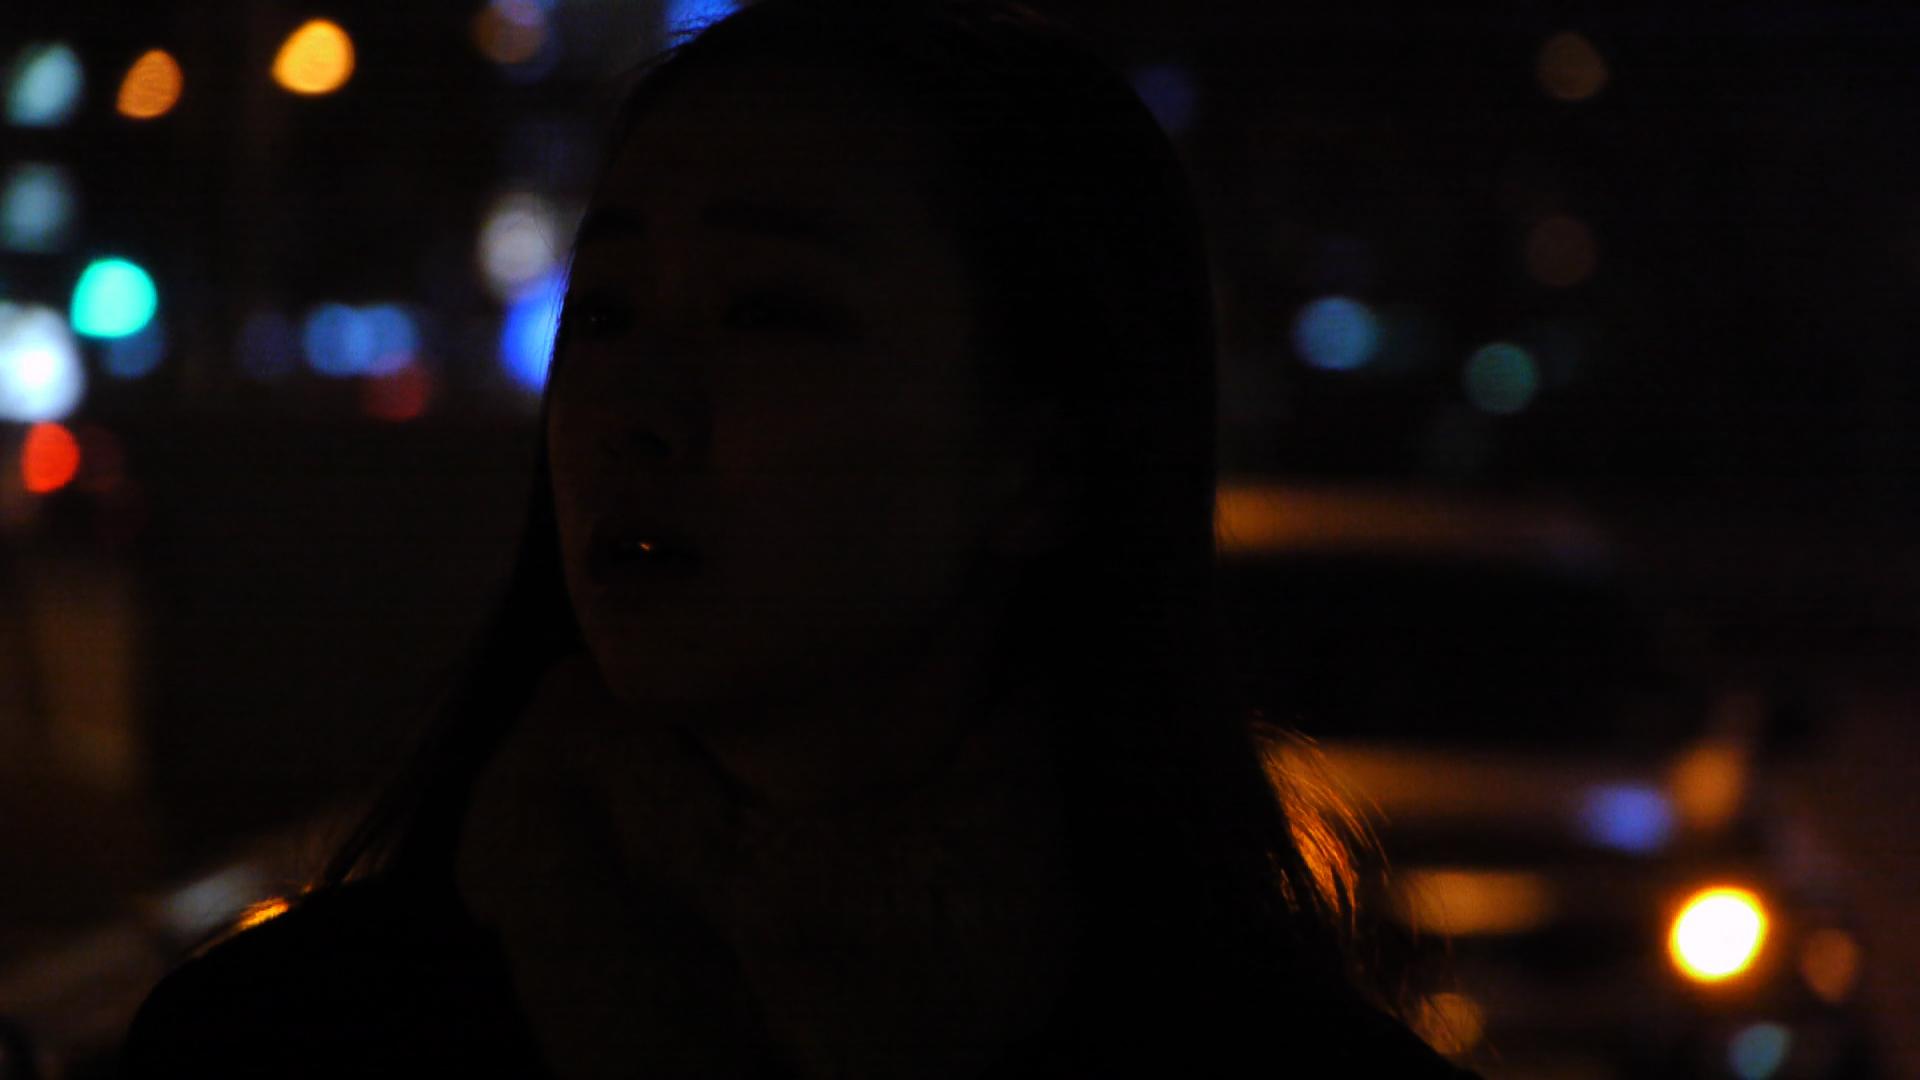 kum.video2.p01